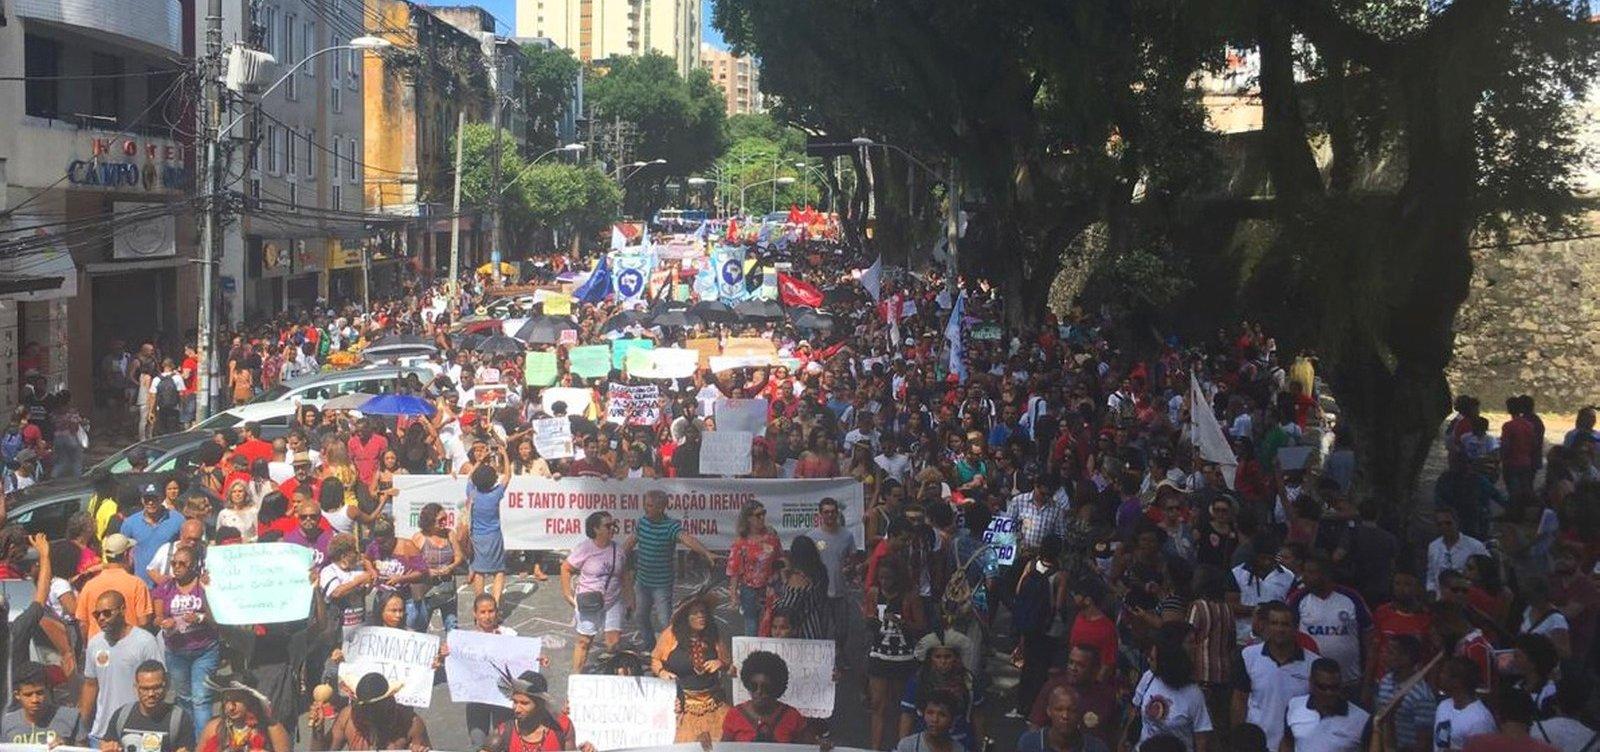 [Estudantes e professores voltam a protestar contra corte de verbas da Educação]